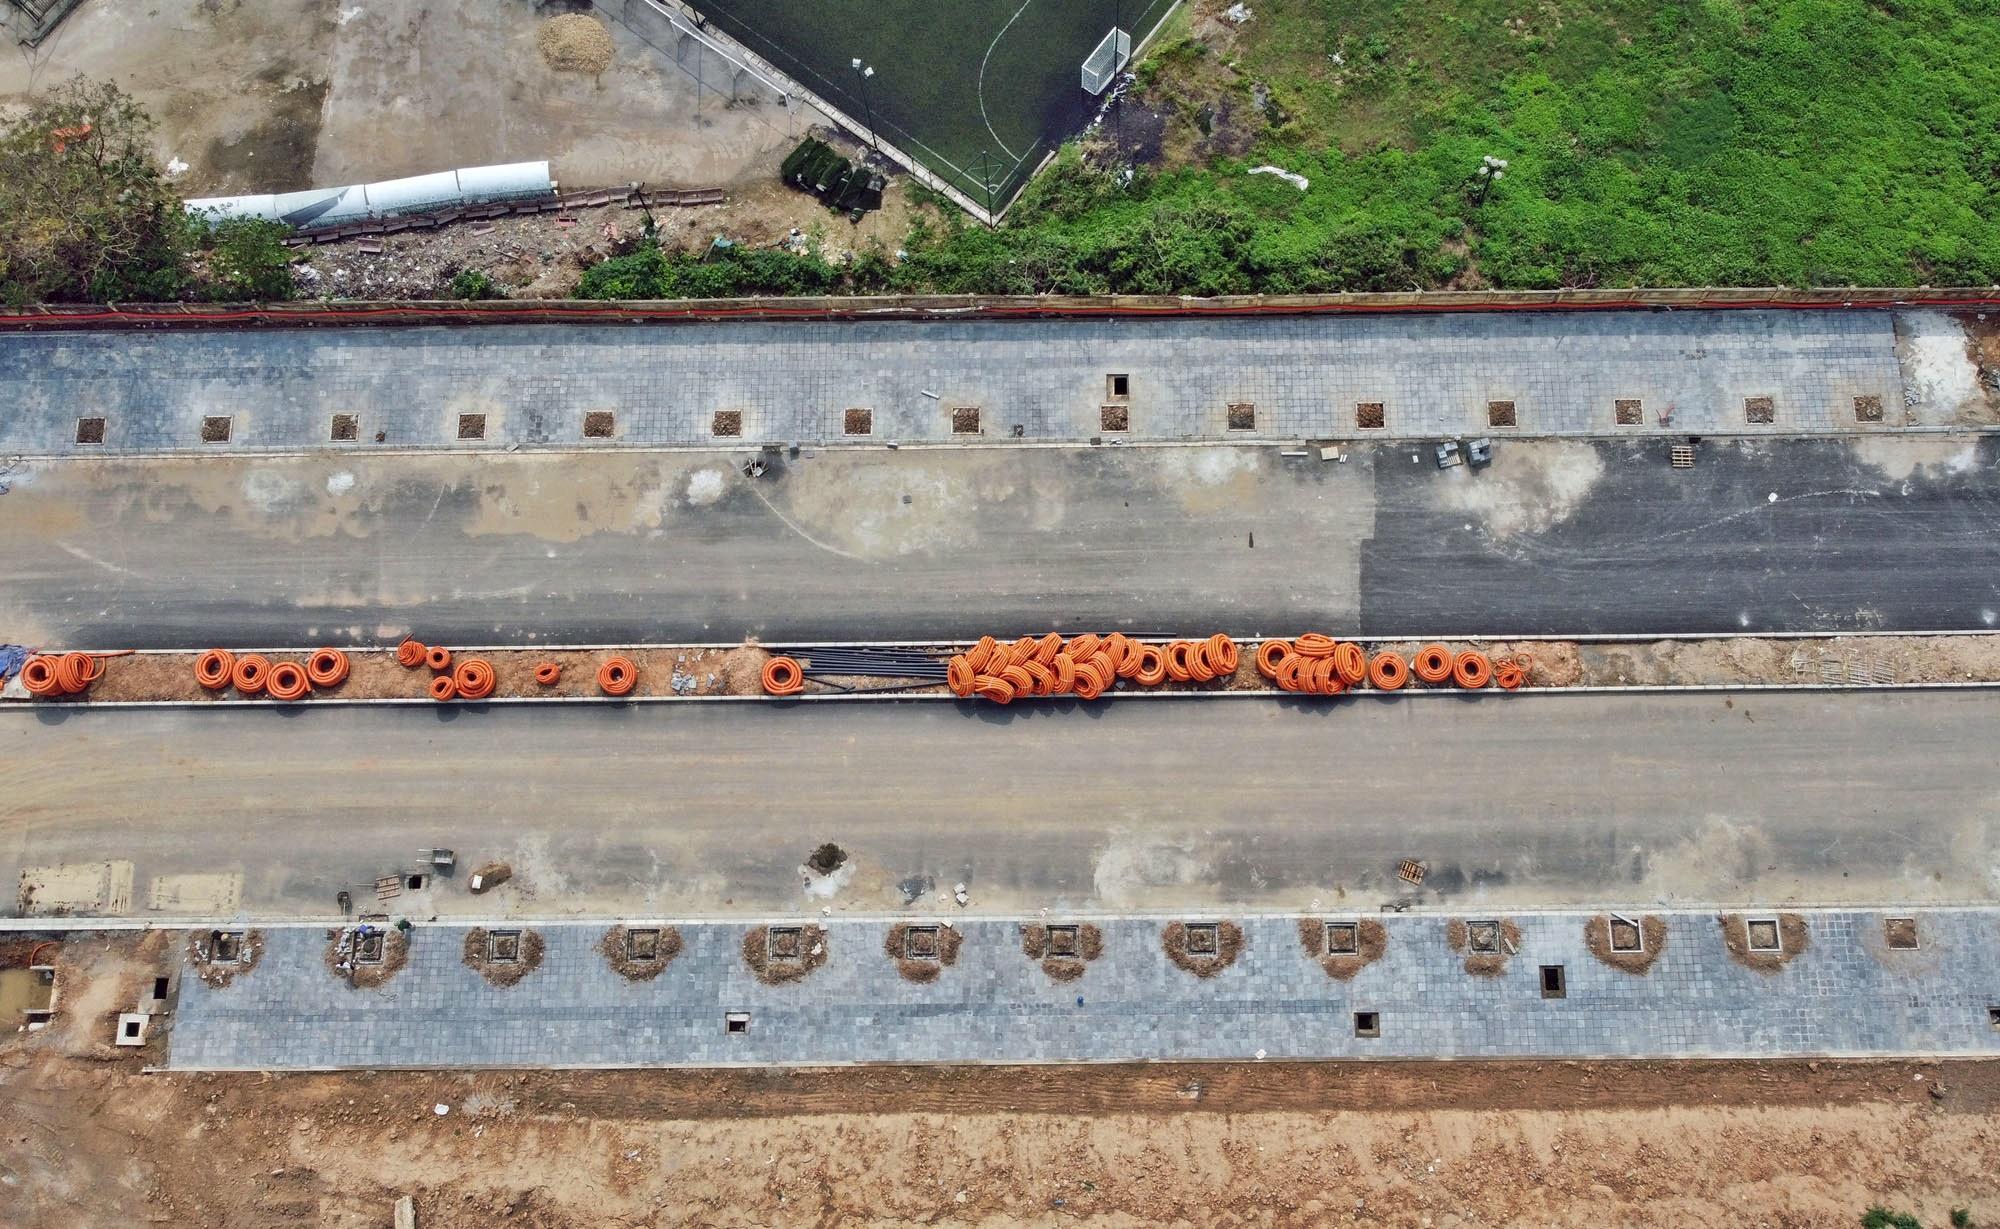 Toàn cảnh đường từ Vũ Quỳnh đến Lê Đức Thọ - Phạm Hùng đang mở theo quy hoạch ở Hà Nội - Ảnh 3.